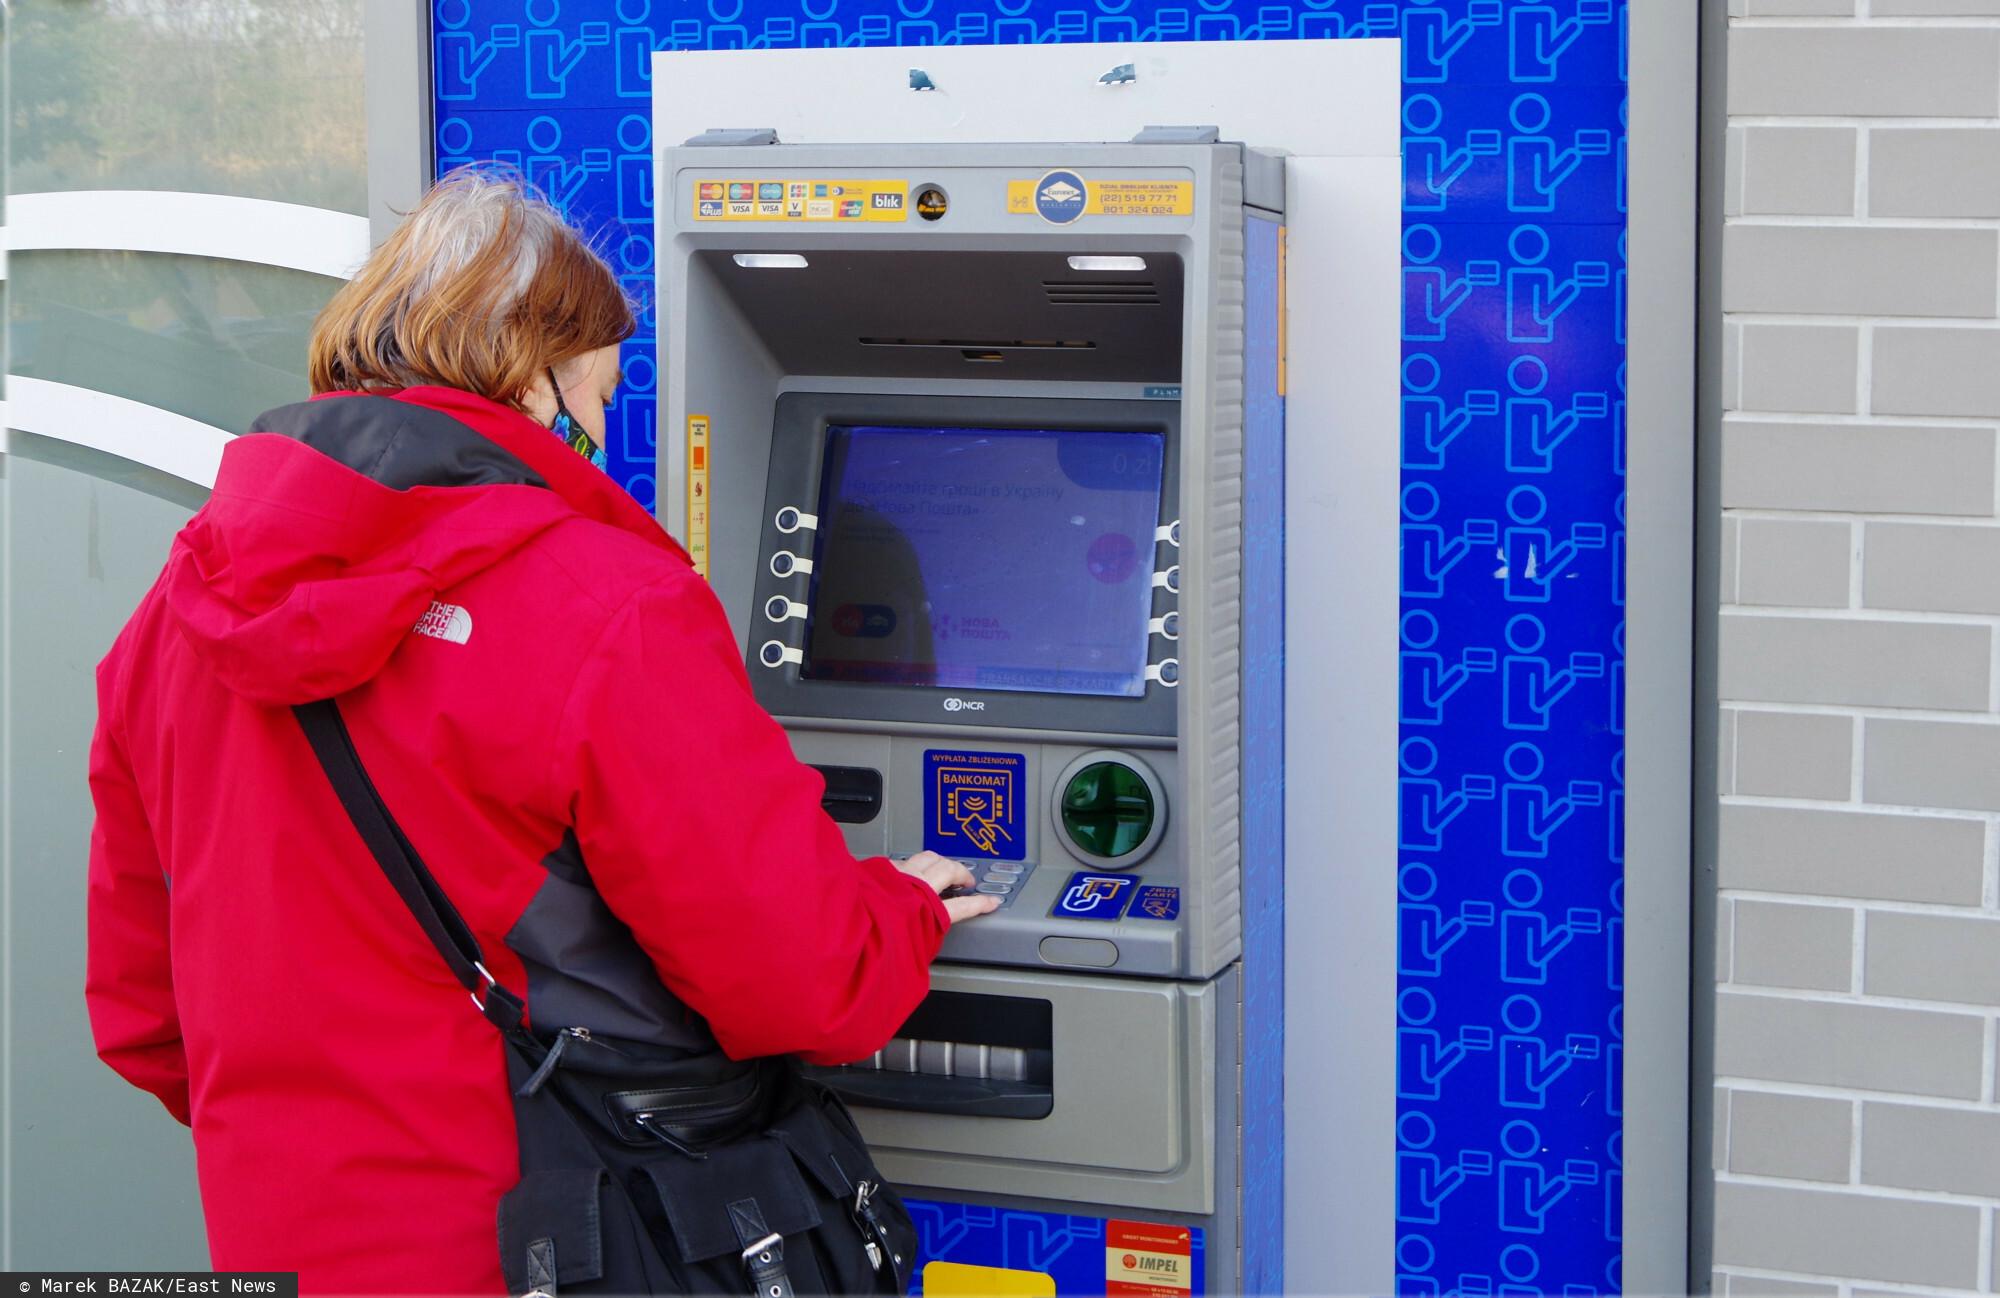 Kobieta wypłaca środki pieniężne z bankomatu - materiał ilustracyjny